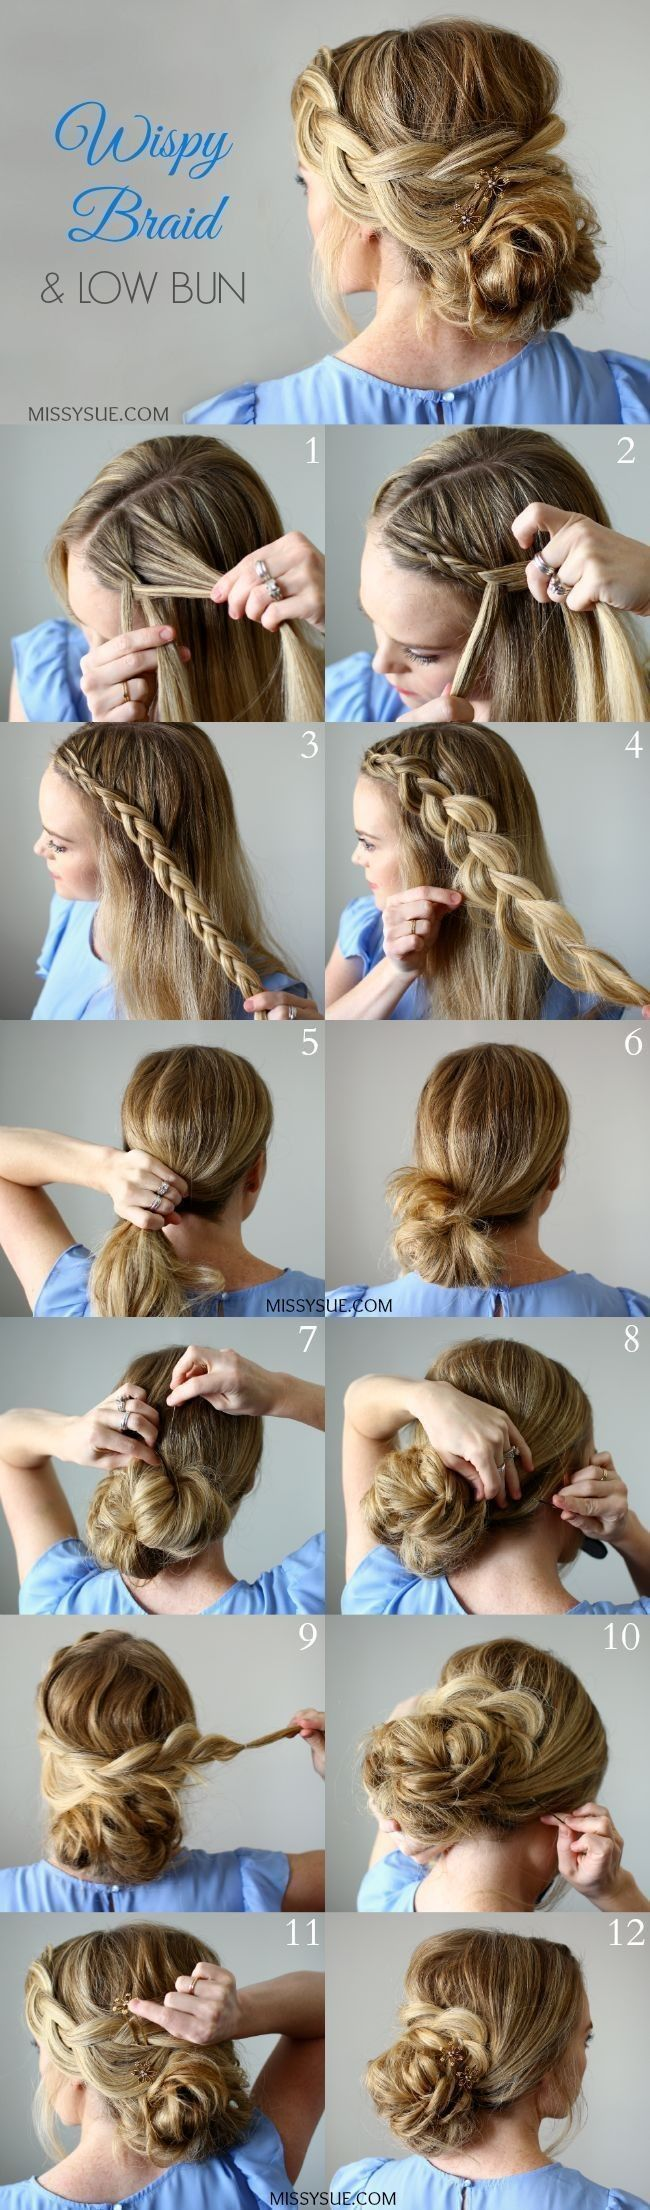 Schöne einfache Frisur-Tutorials für langes Haar – Haarideen